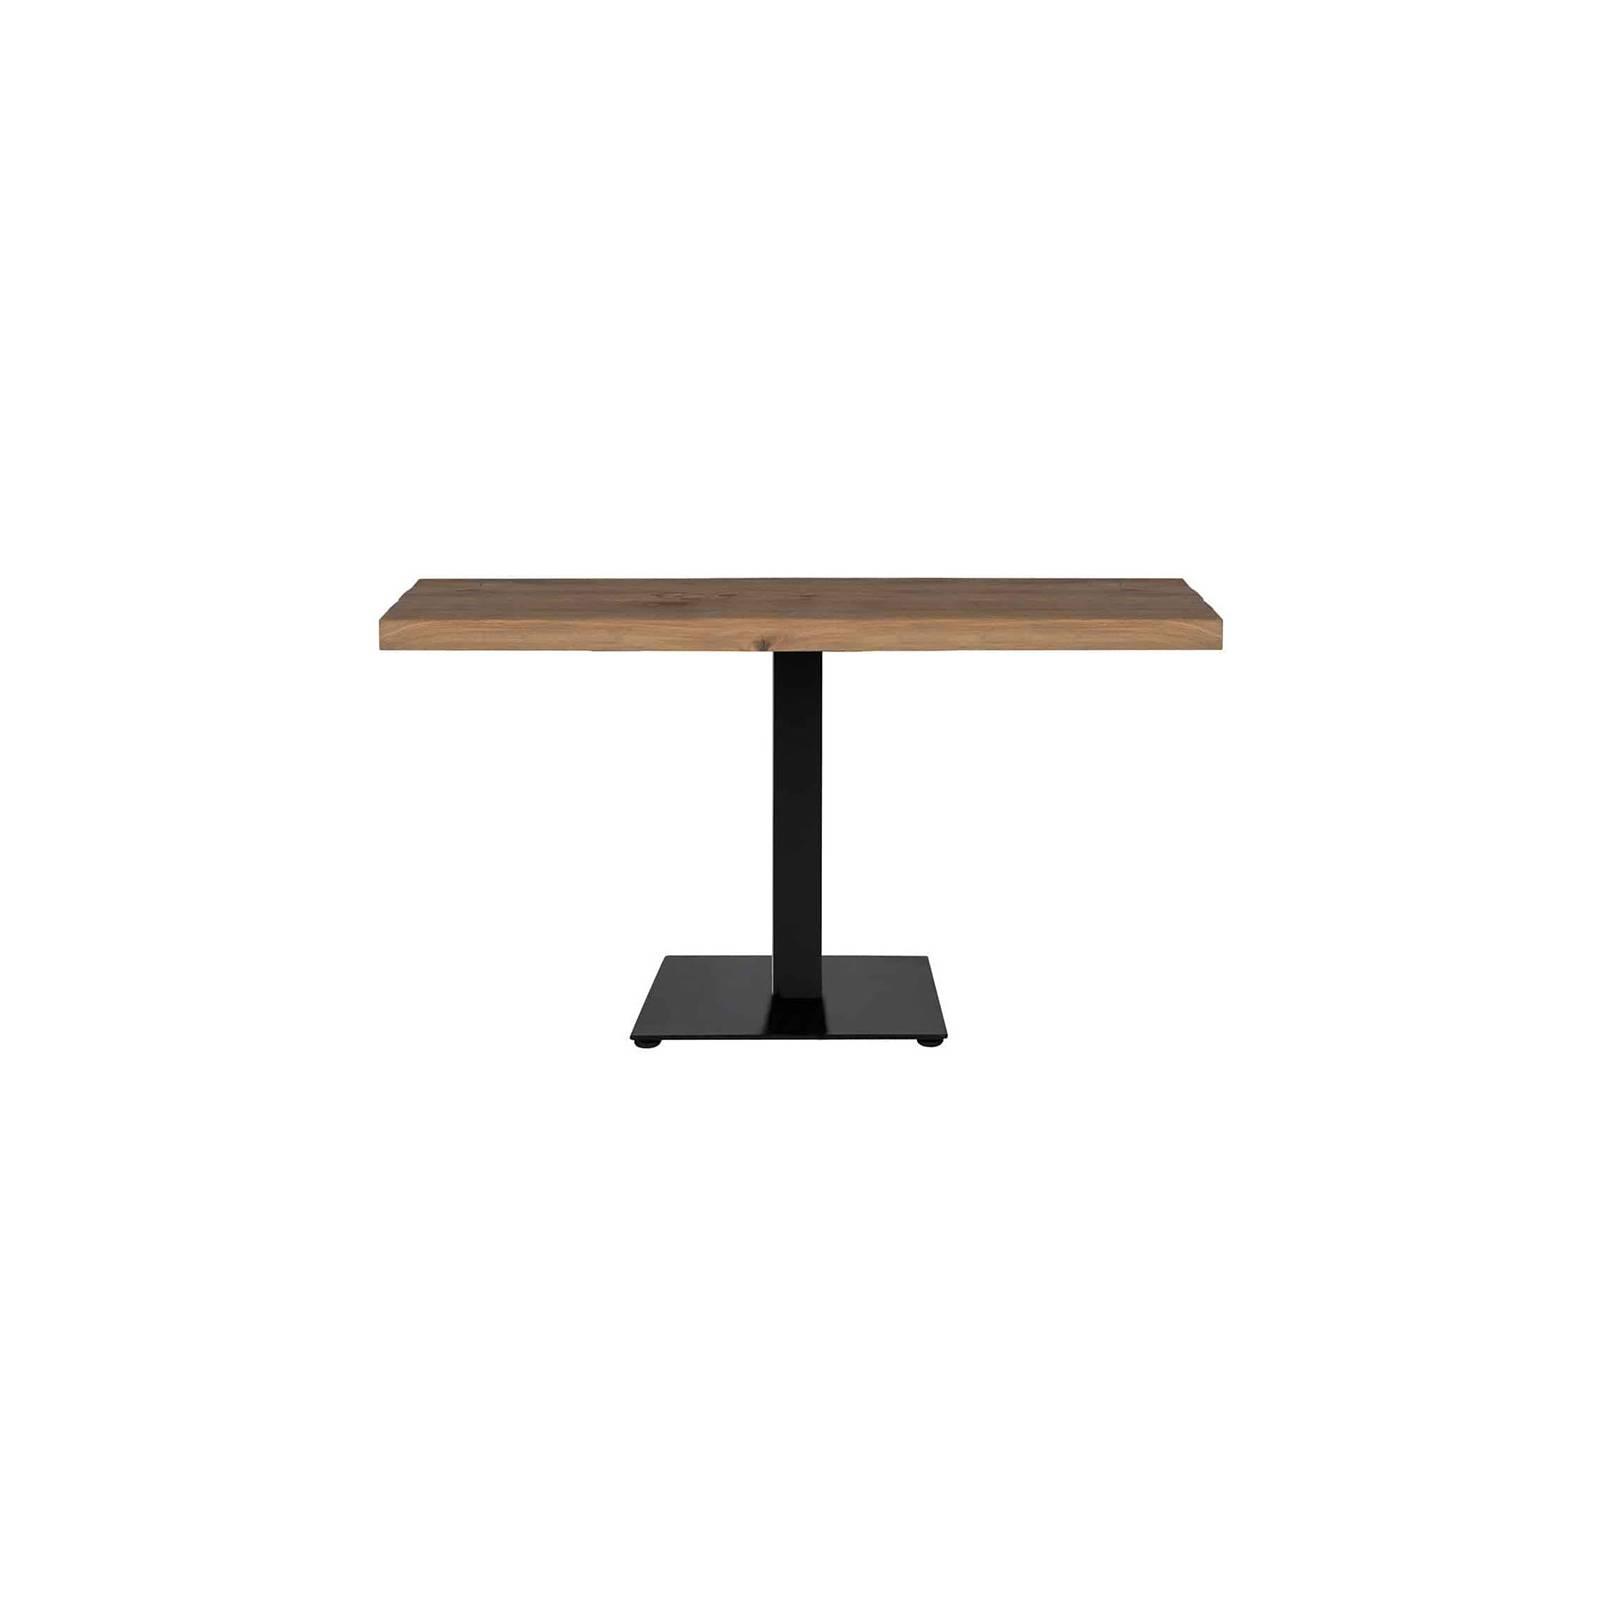 Table de salle rectangulaire Chêne Victoria - table de salle chêne massif